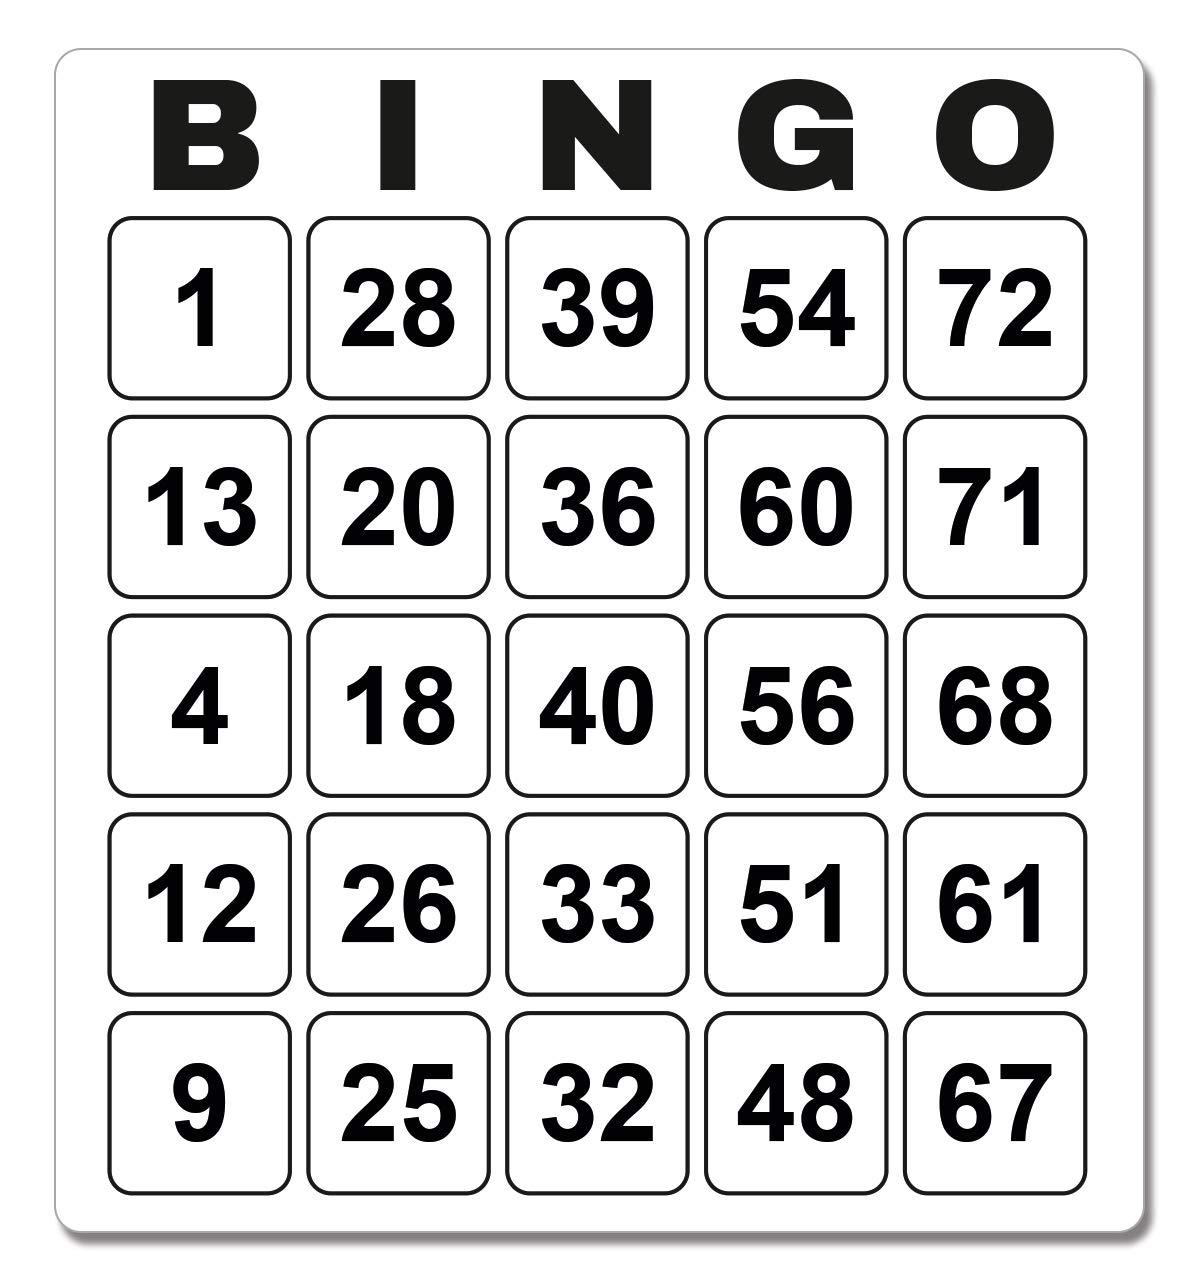 96-Bingo-Karten-laminiert-System-25-aus-75-stabil-abwaschbar-92-x-10-cm